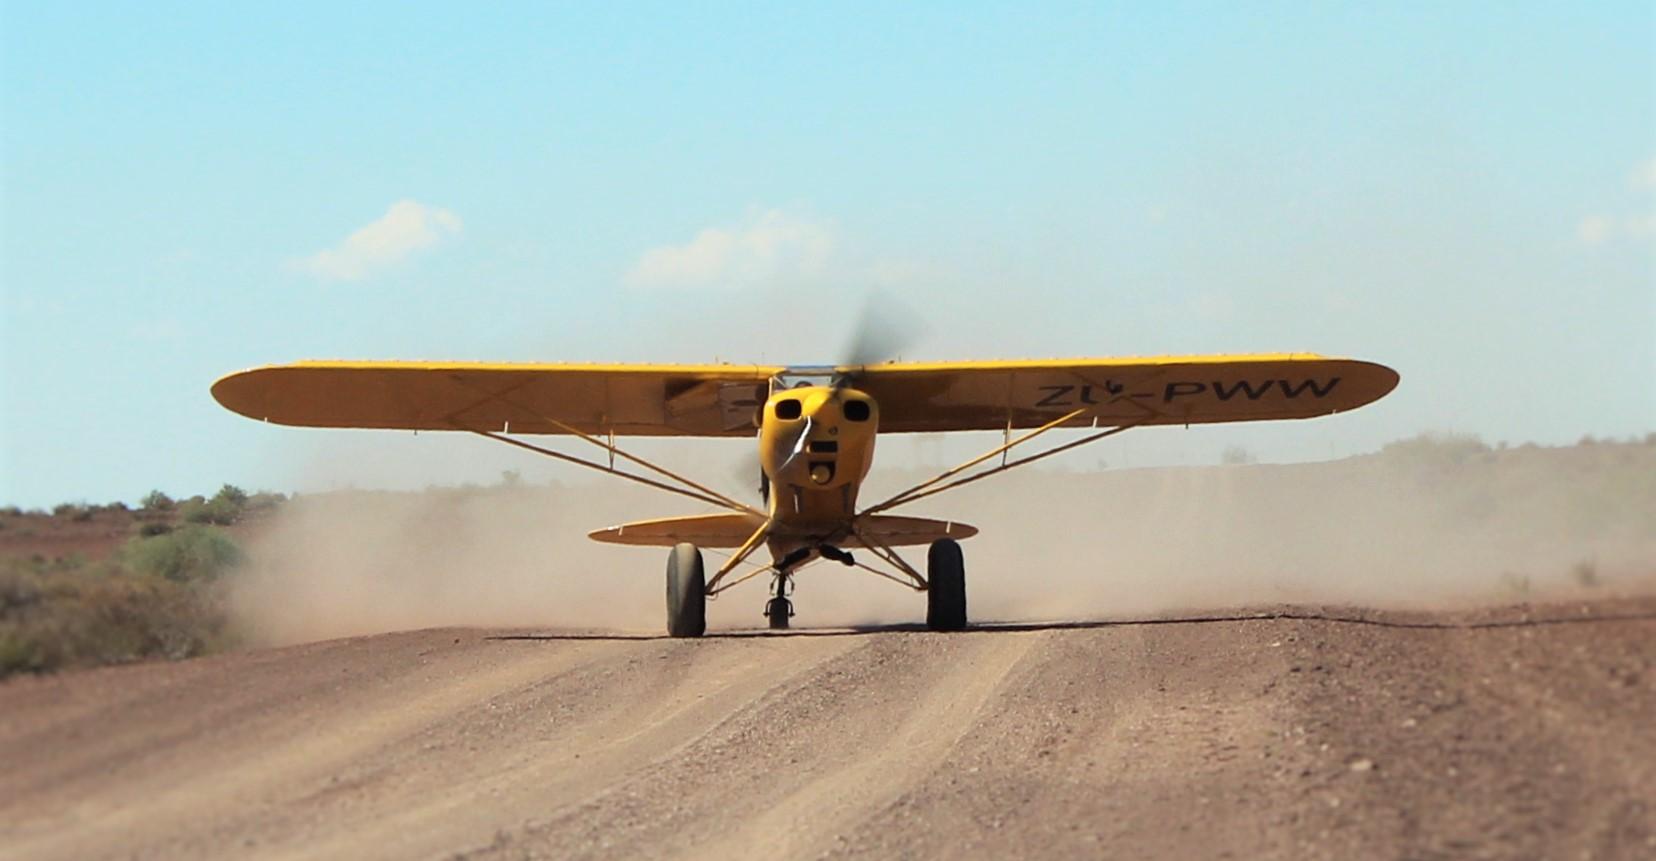 Savage dust storm